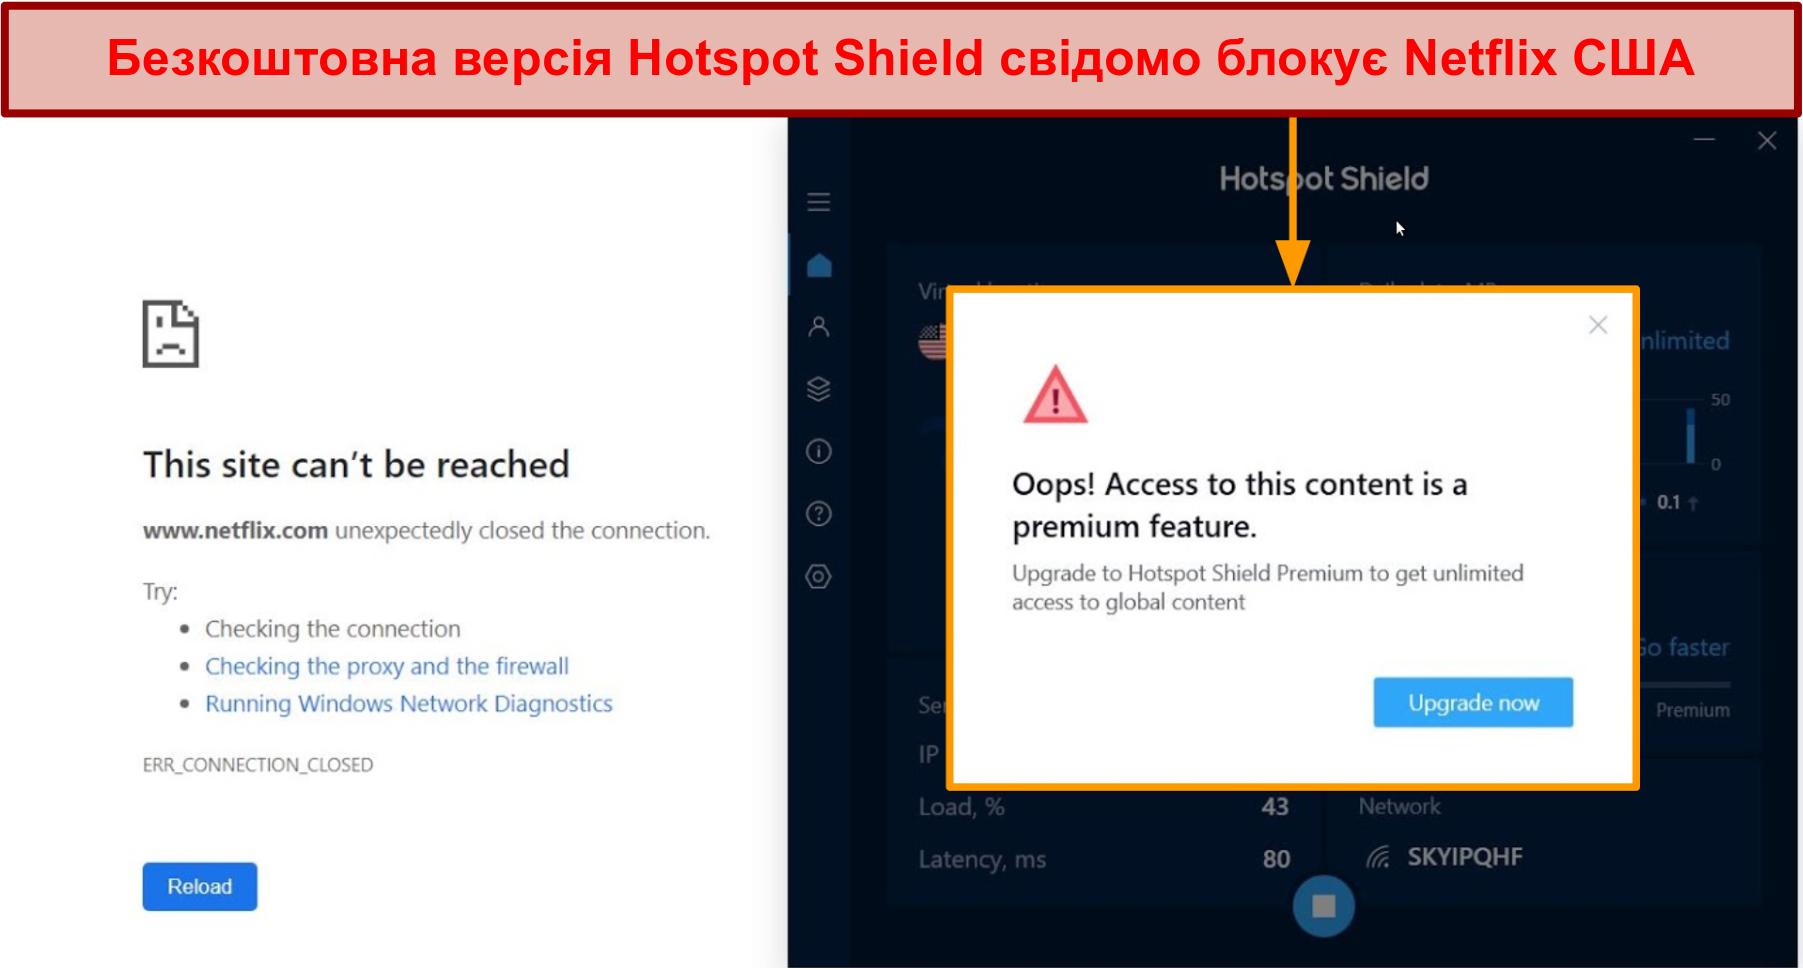 скріншот HotspotShield свідомо блокує Netflix